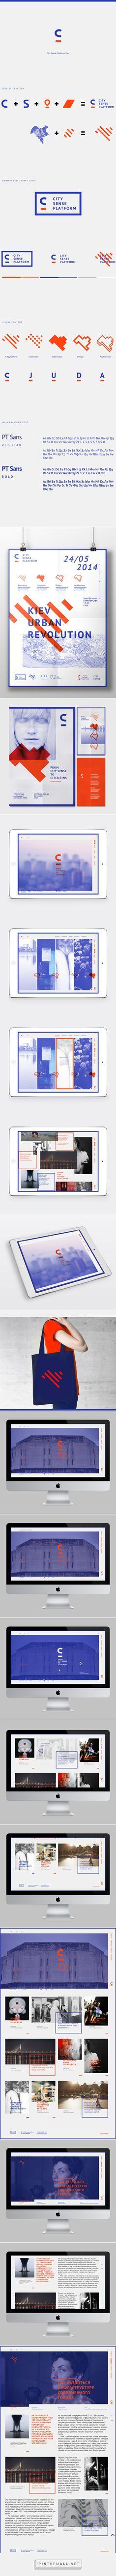 City Sense Platform by Irene Shkarovska